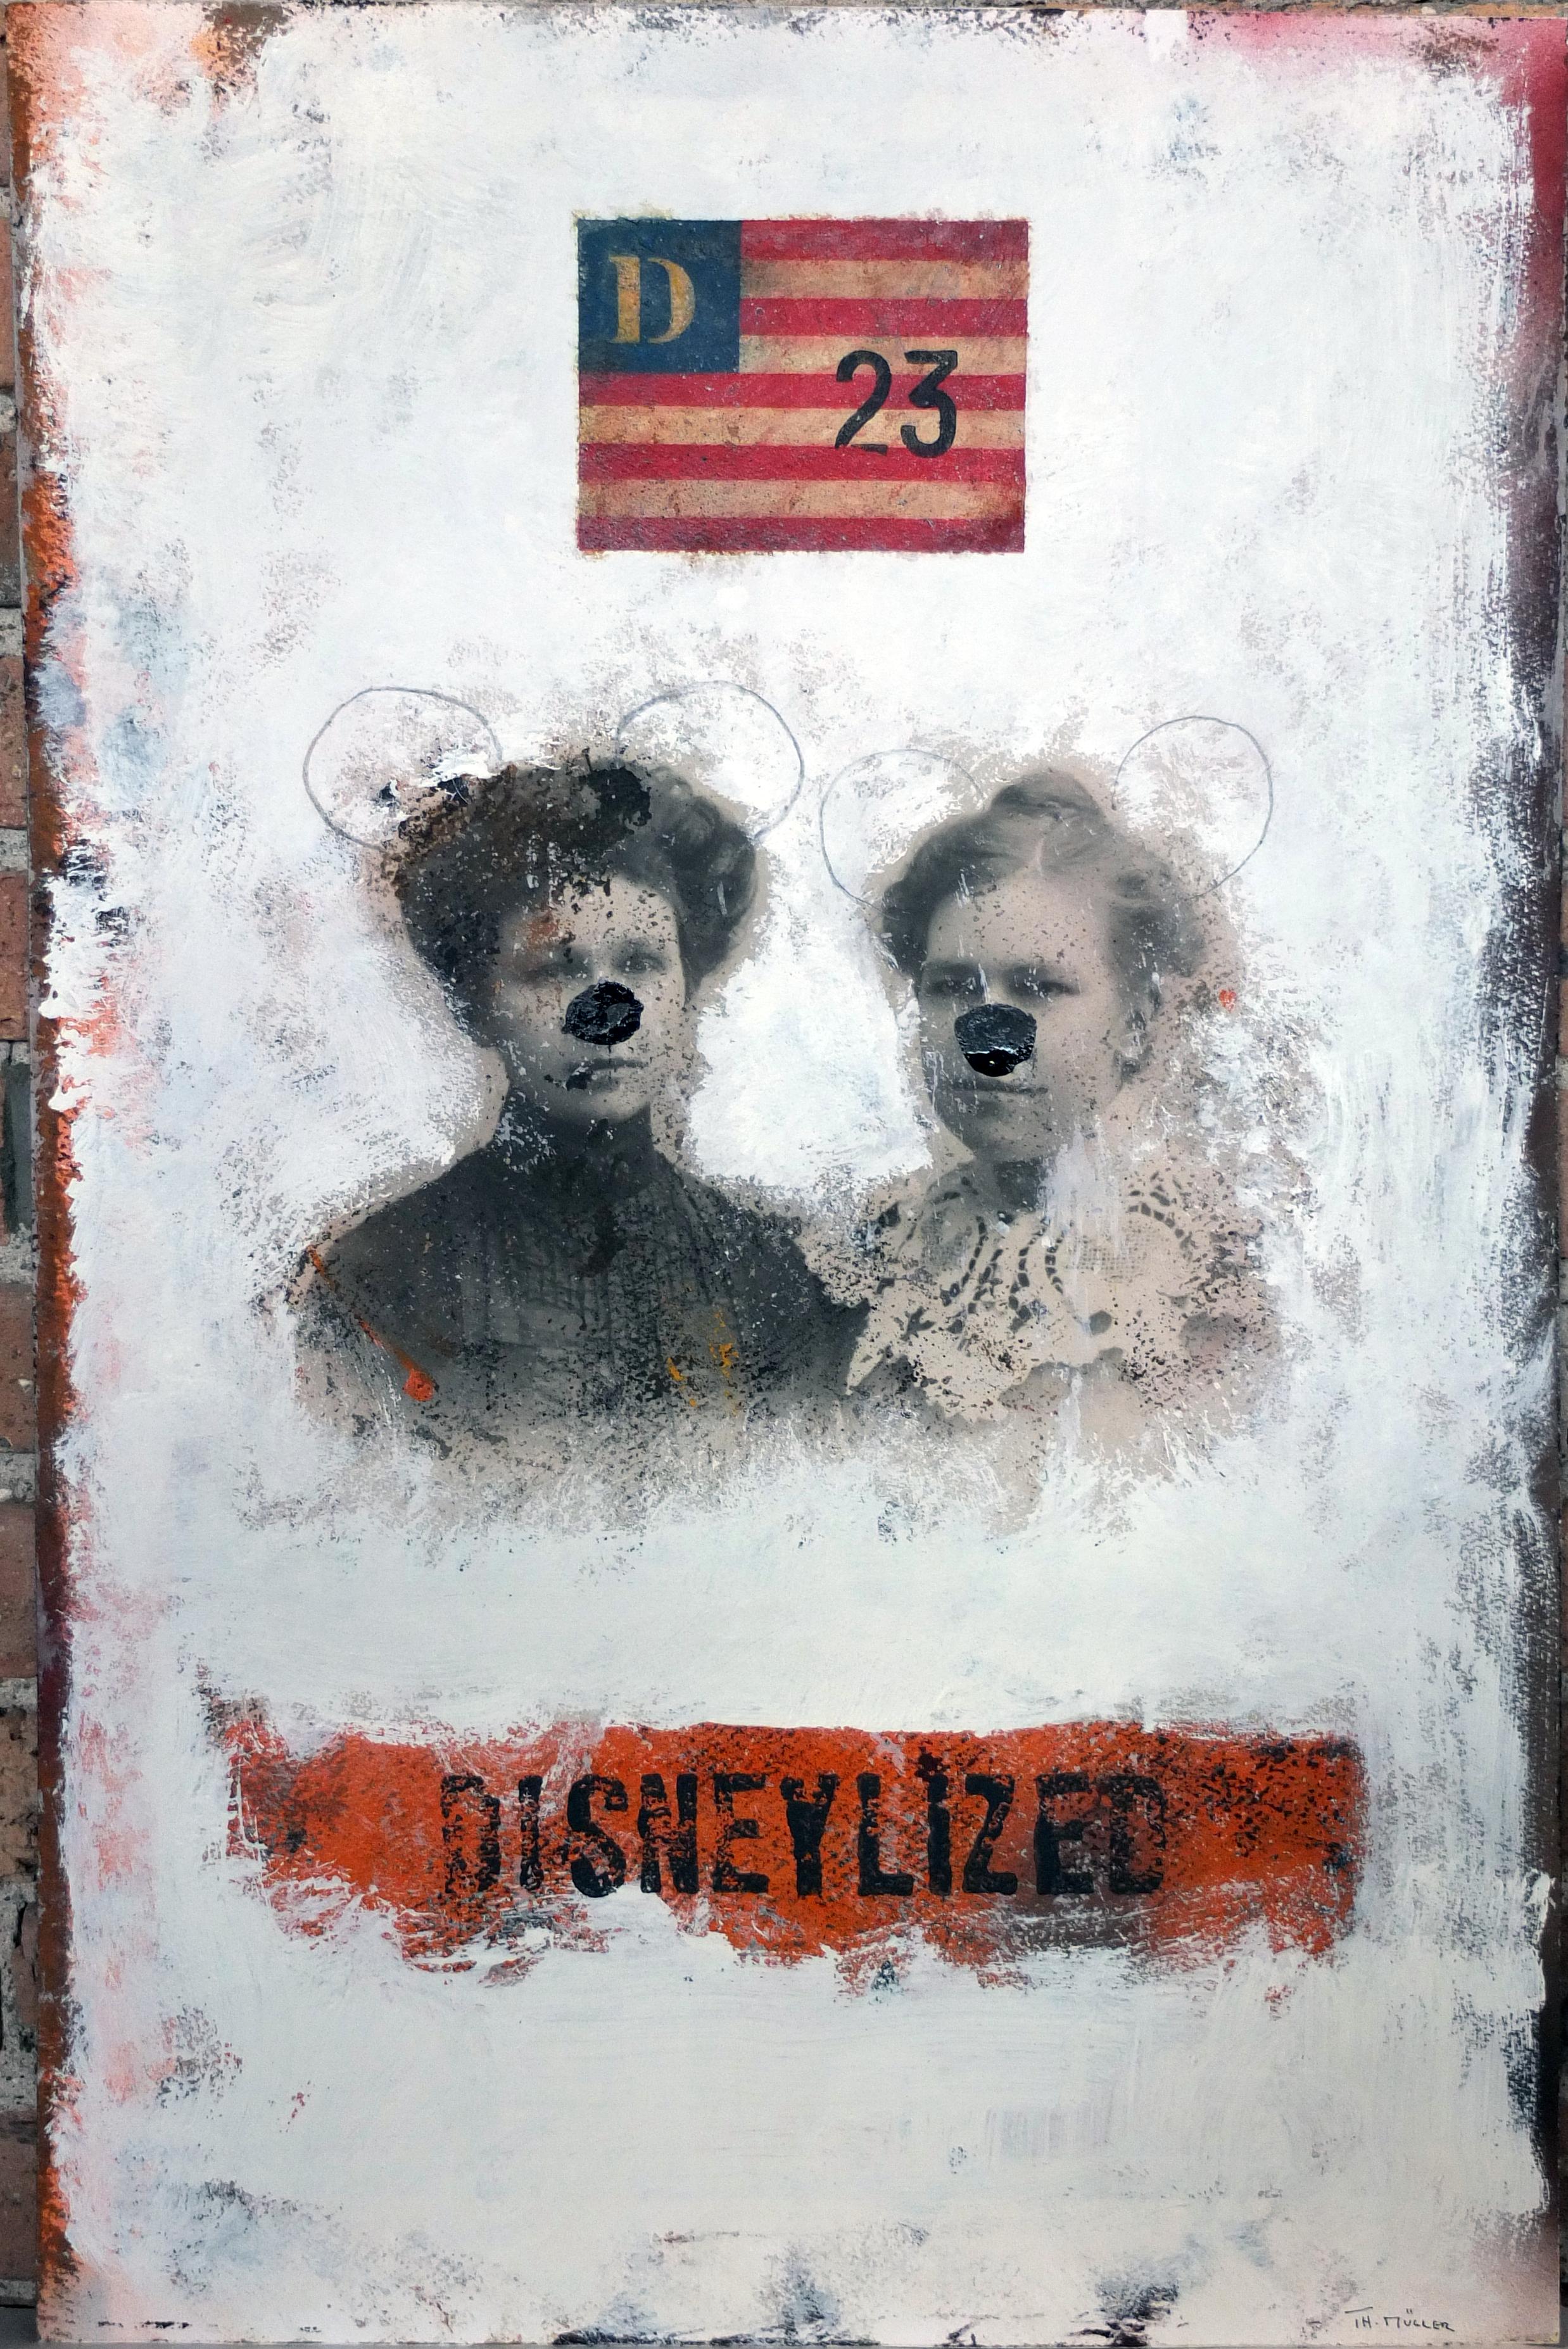 Disneylized